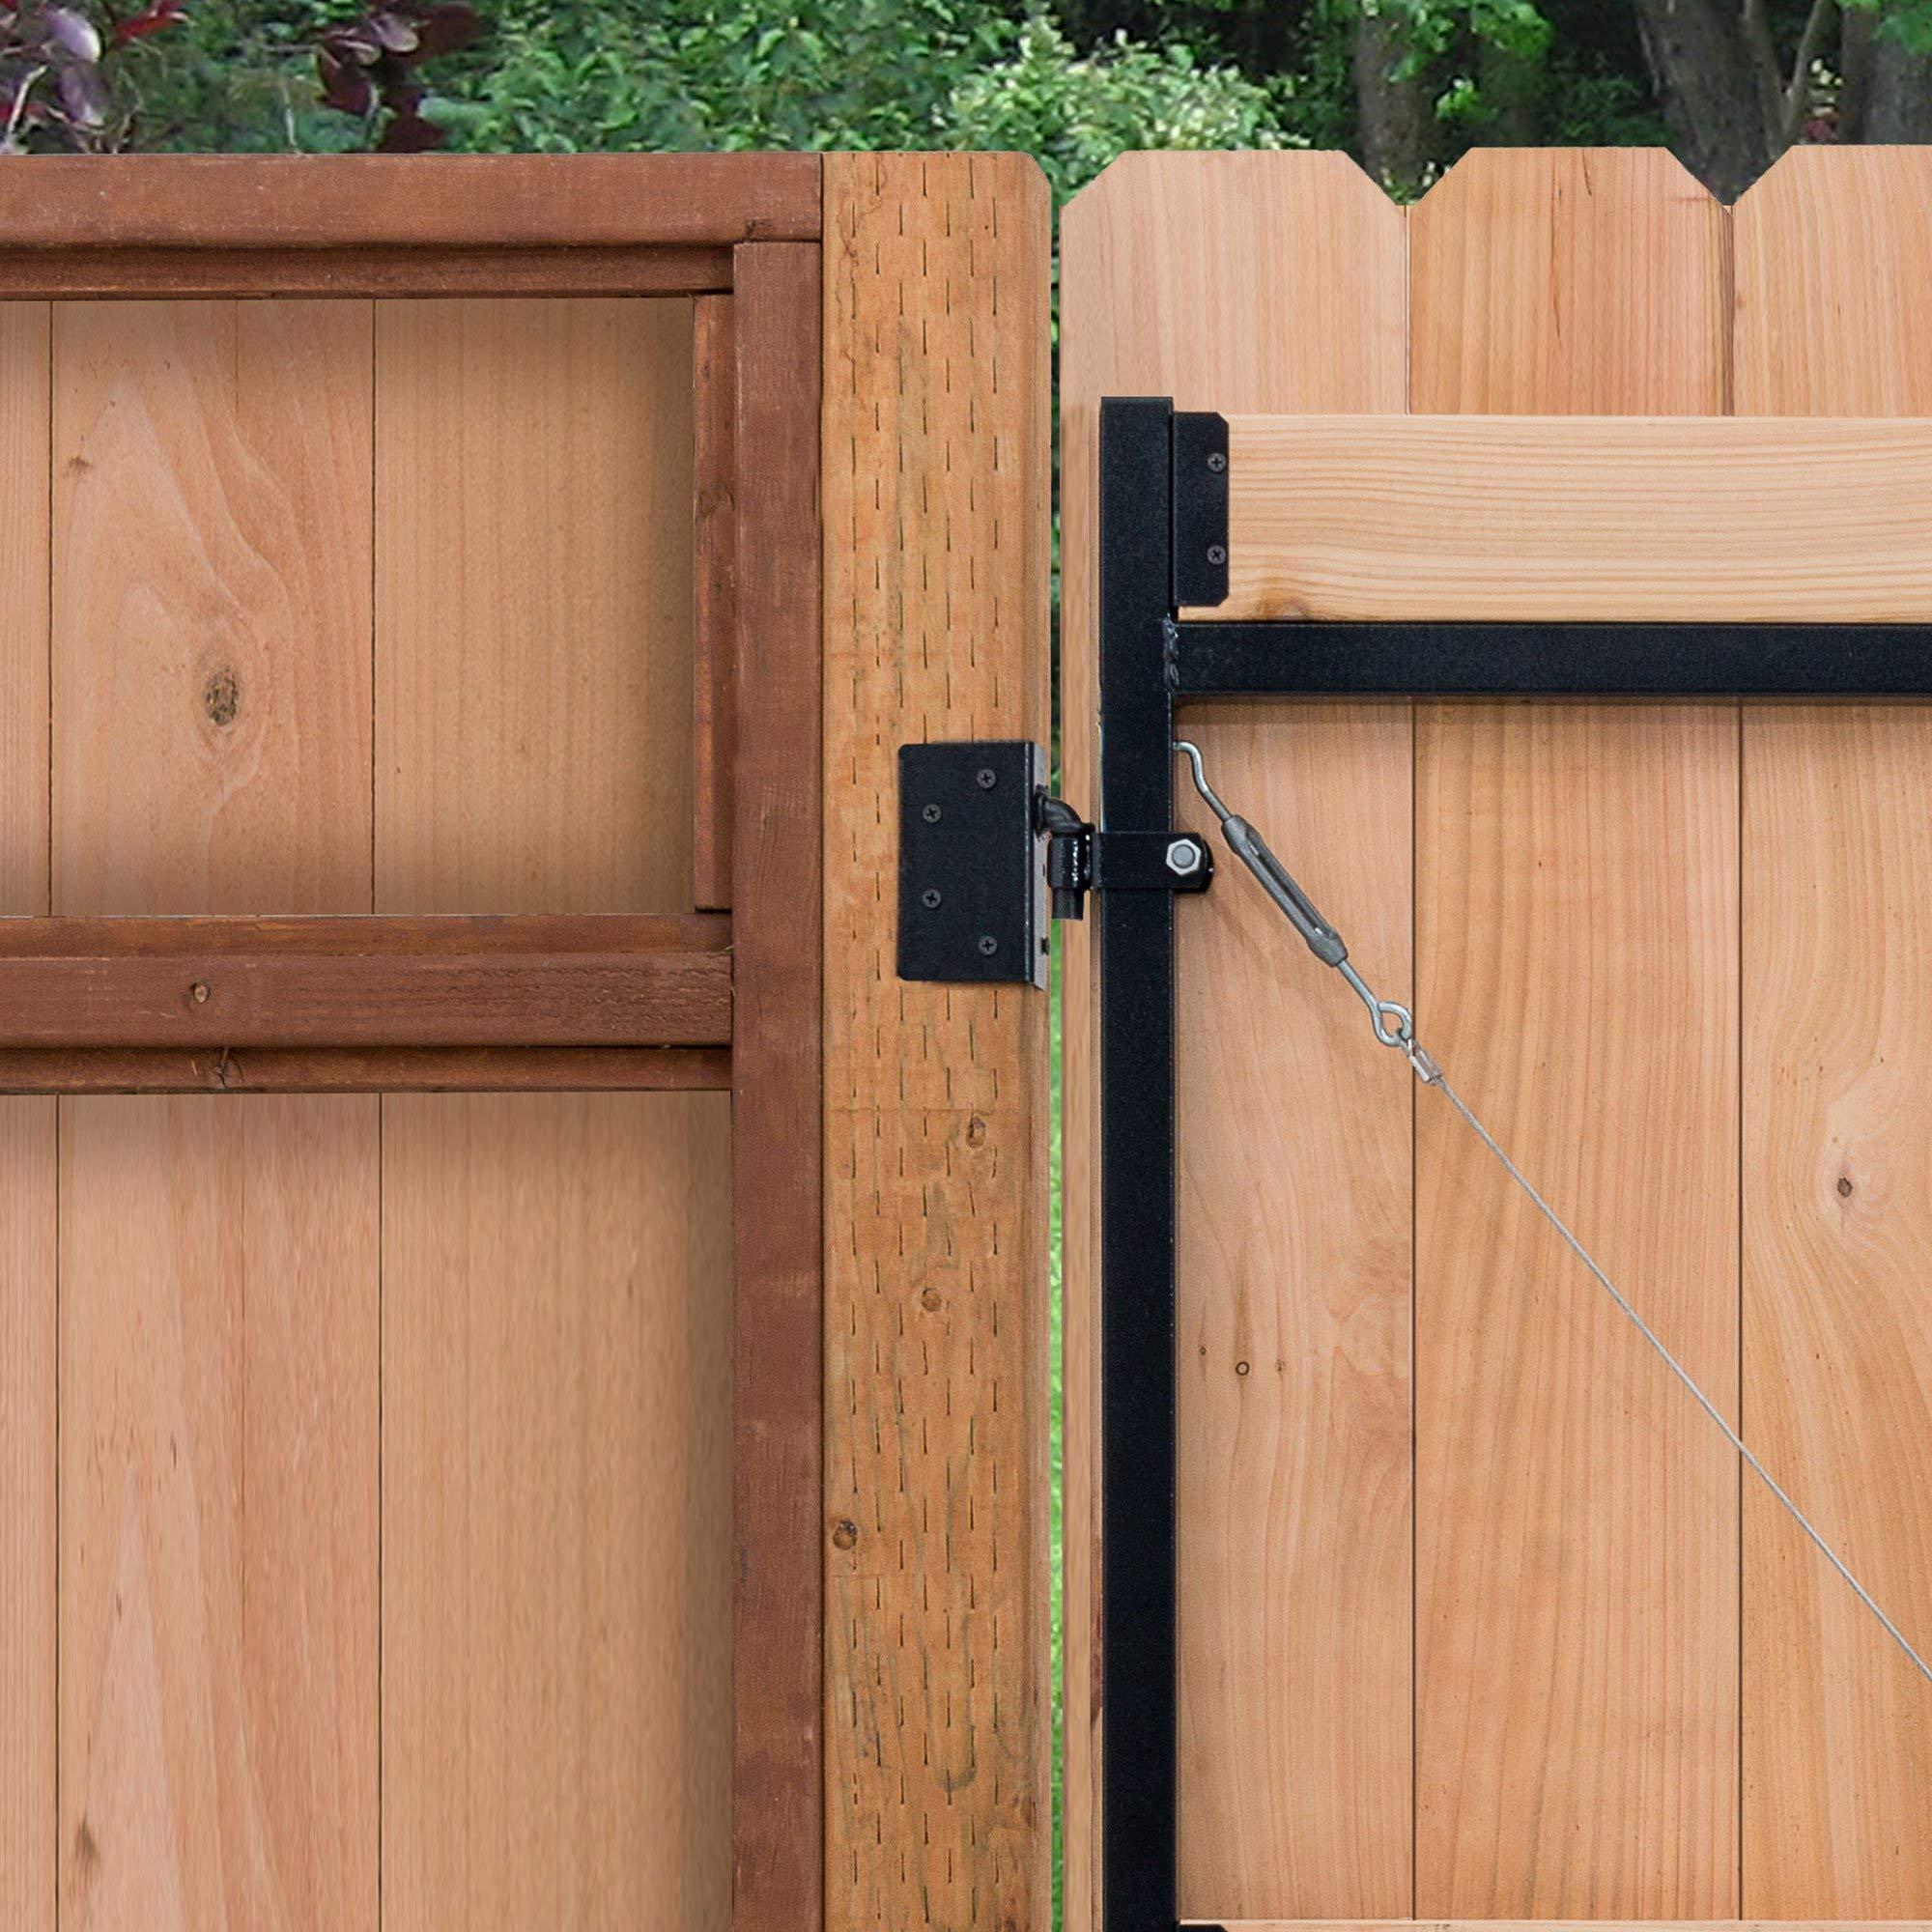 Adjust-A-Gate Steel Frame Gate Building Kit, 60''-96'' Wide, 6' High (2 Pack) by Adjust-A-Gate (Image #6)